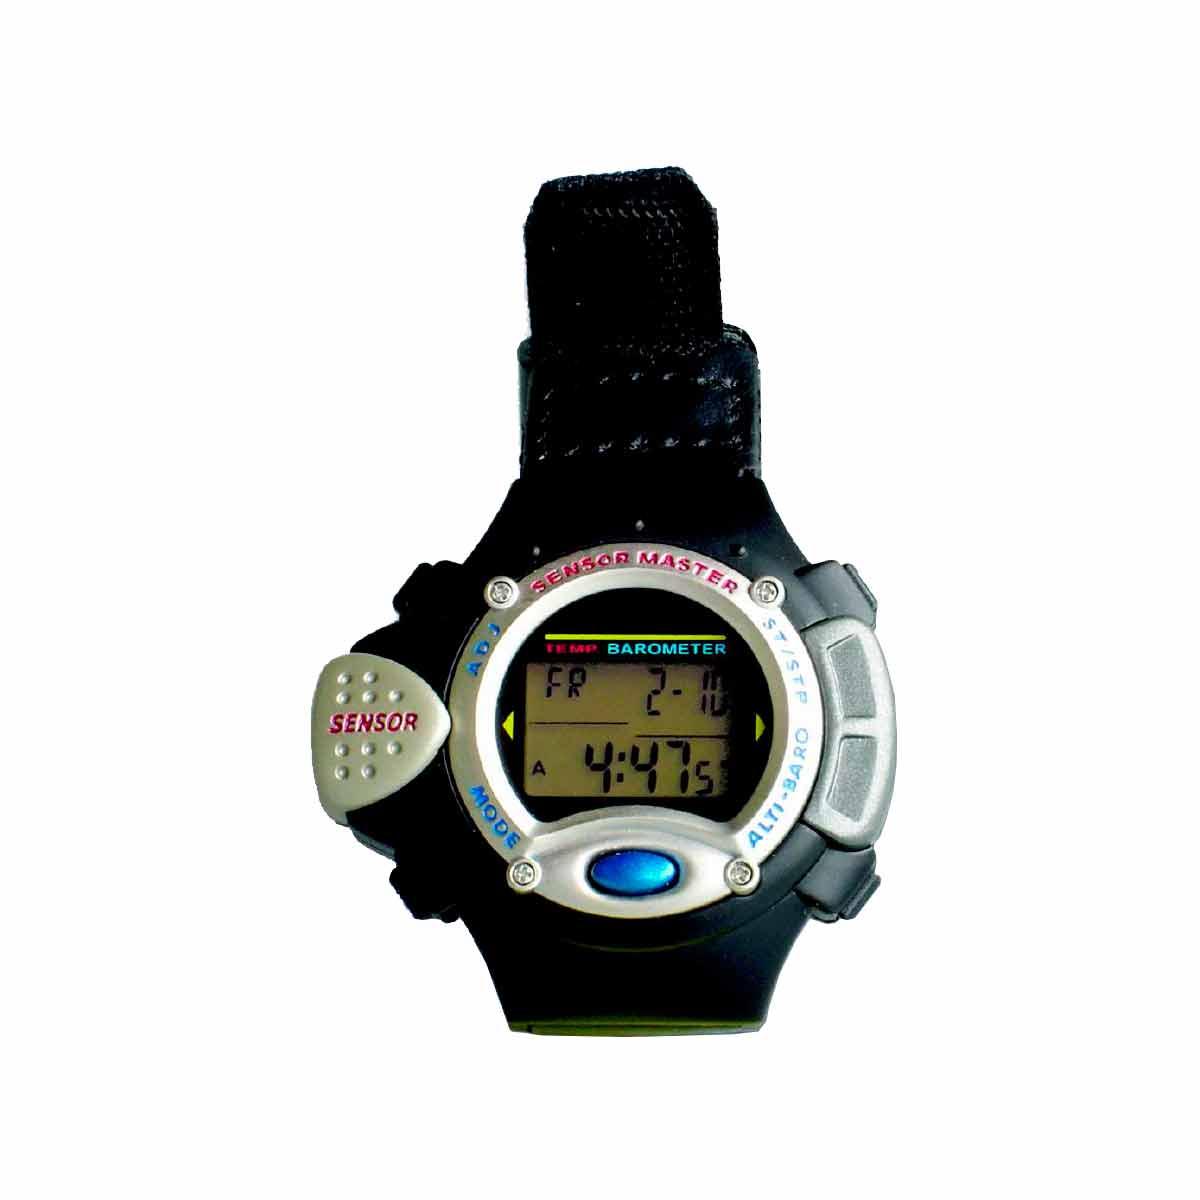 SMW35 - Relógio Digital com Altímetro e Barômetro Sensormaster SMW 35 - CSR